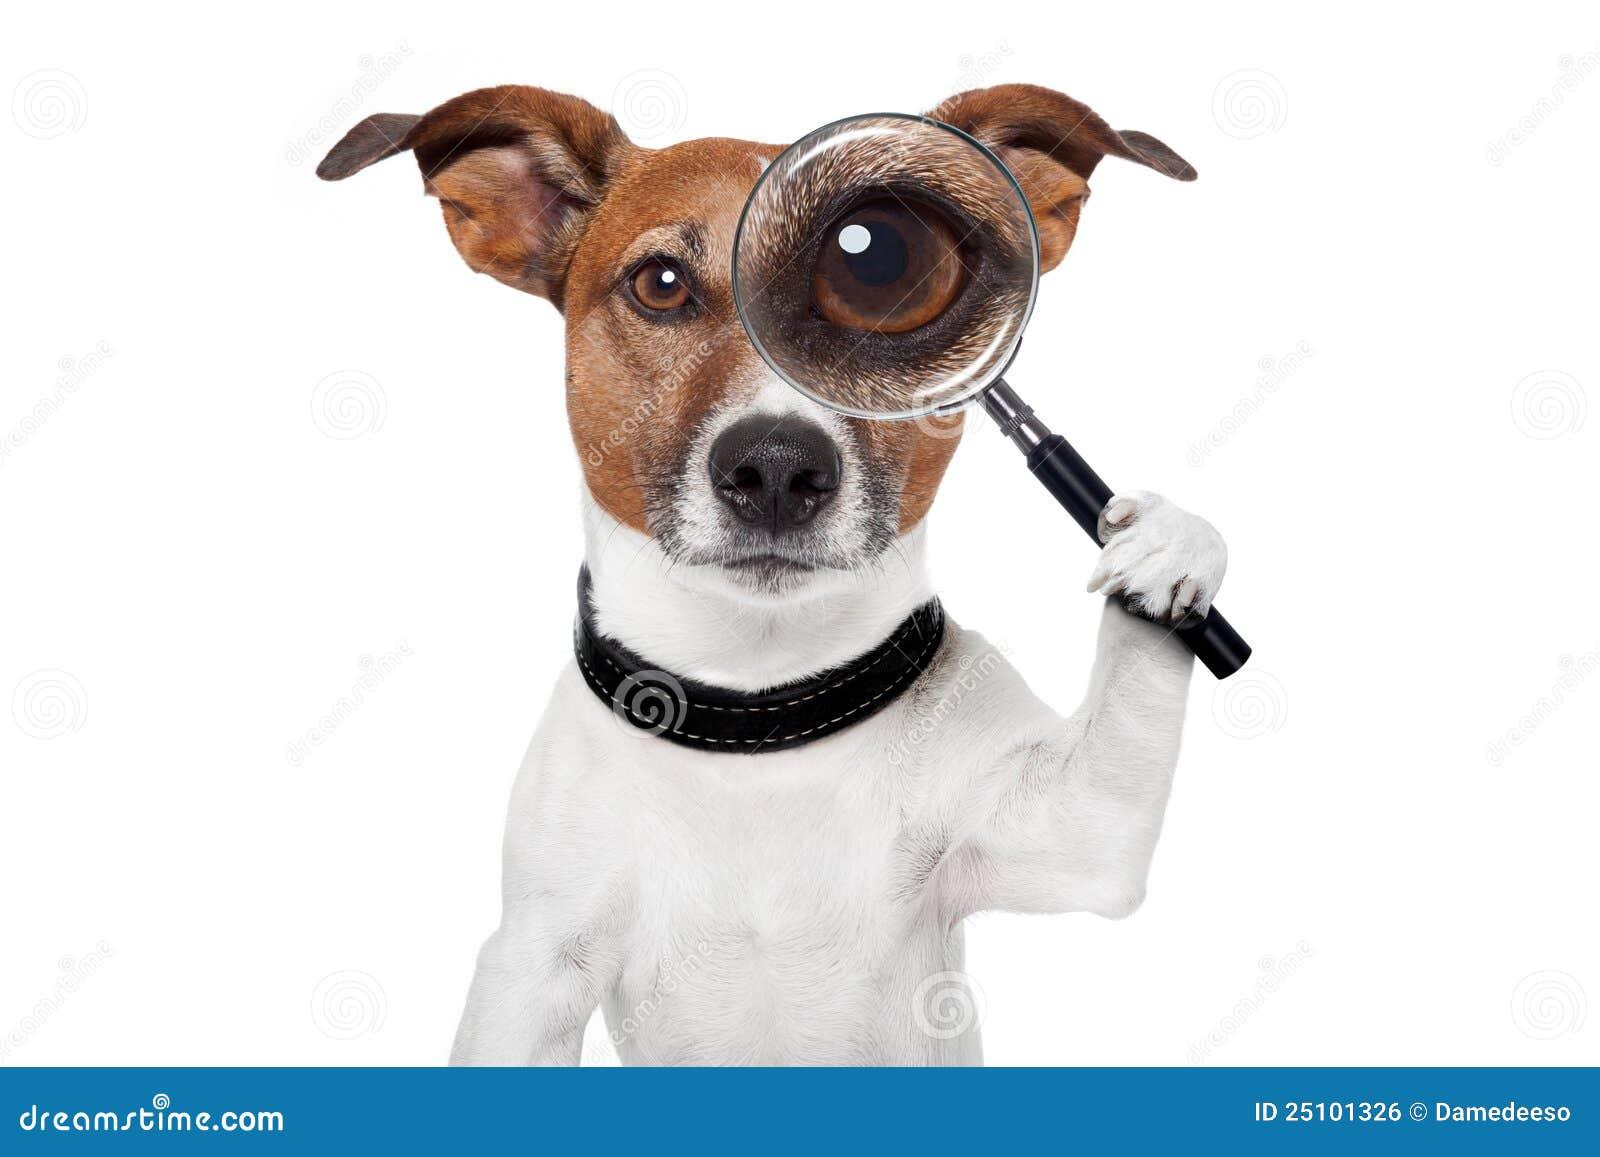 grand cane guys Aeration grand cane, la aeration grand cane, la has the best aeration prices in grand cane, la.